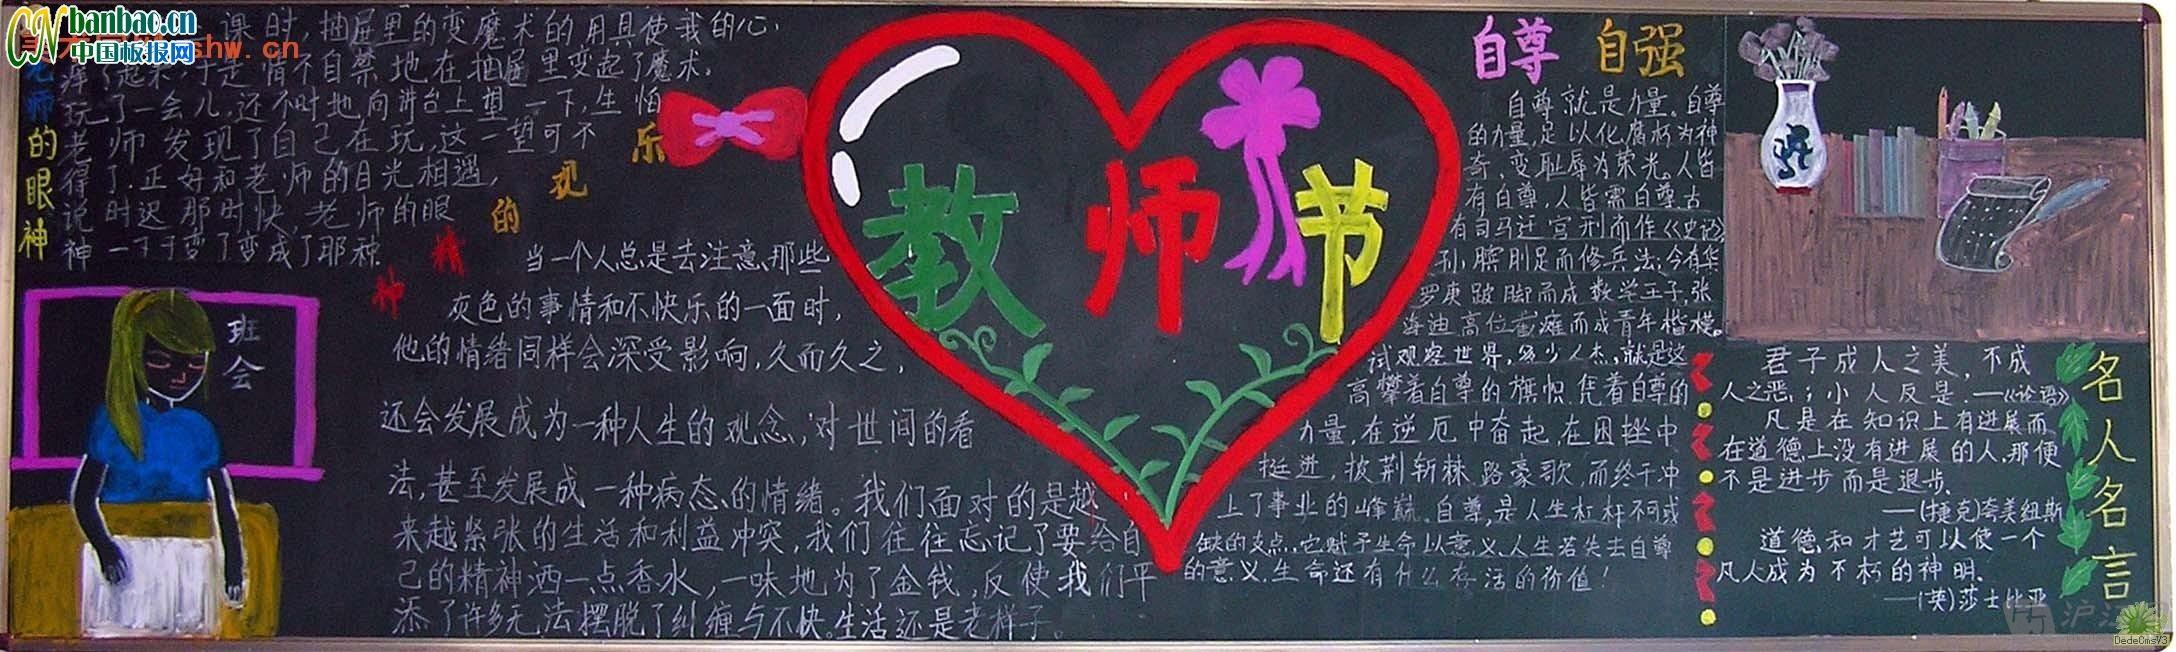 跟沪江小d学英语     在教师节手抄报版面设计和美化两篇文章中都都